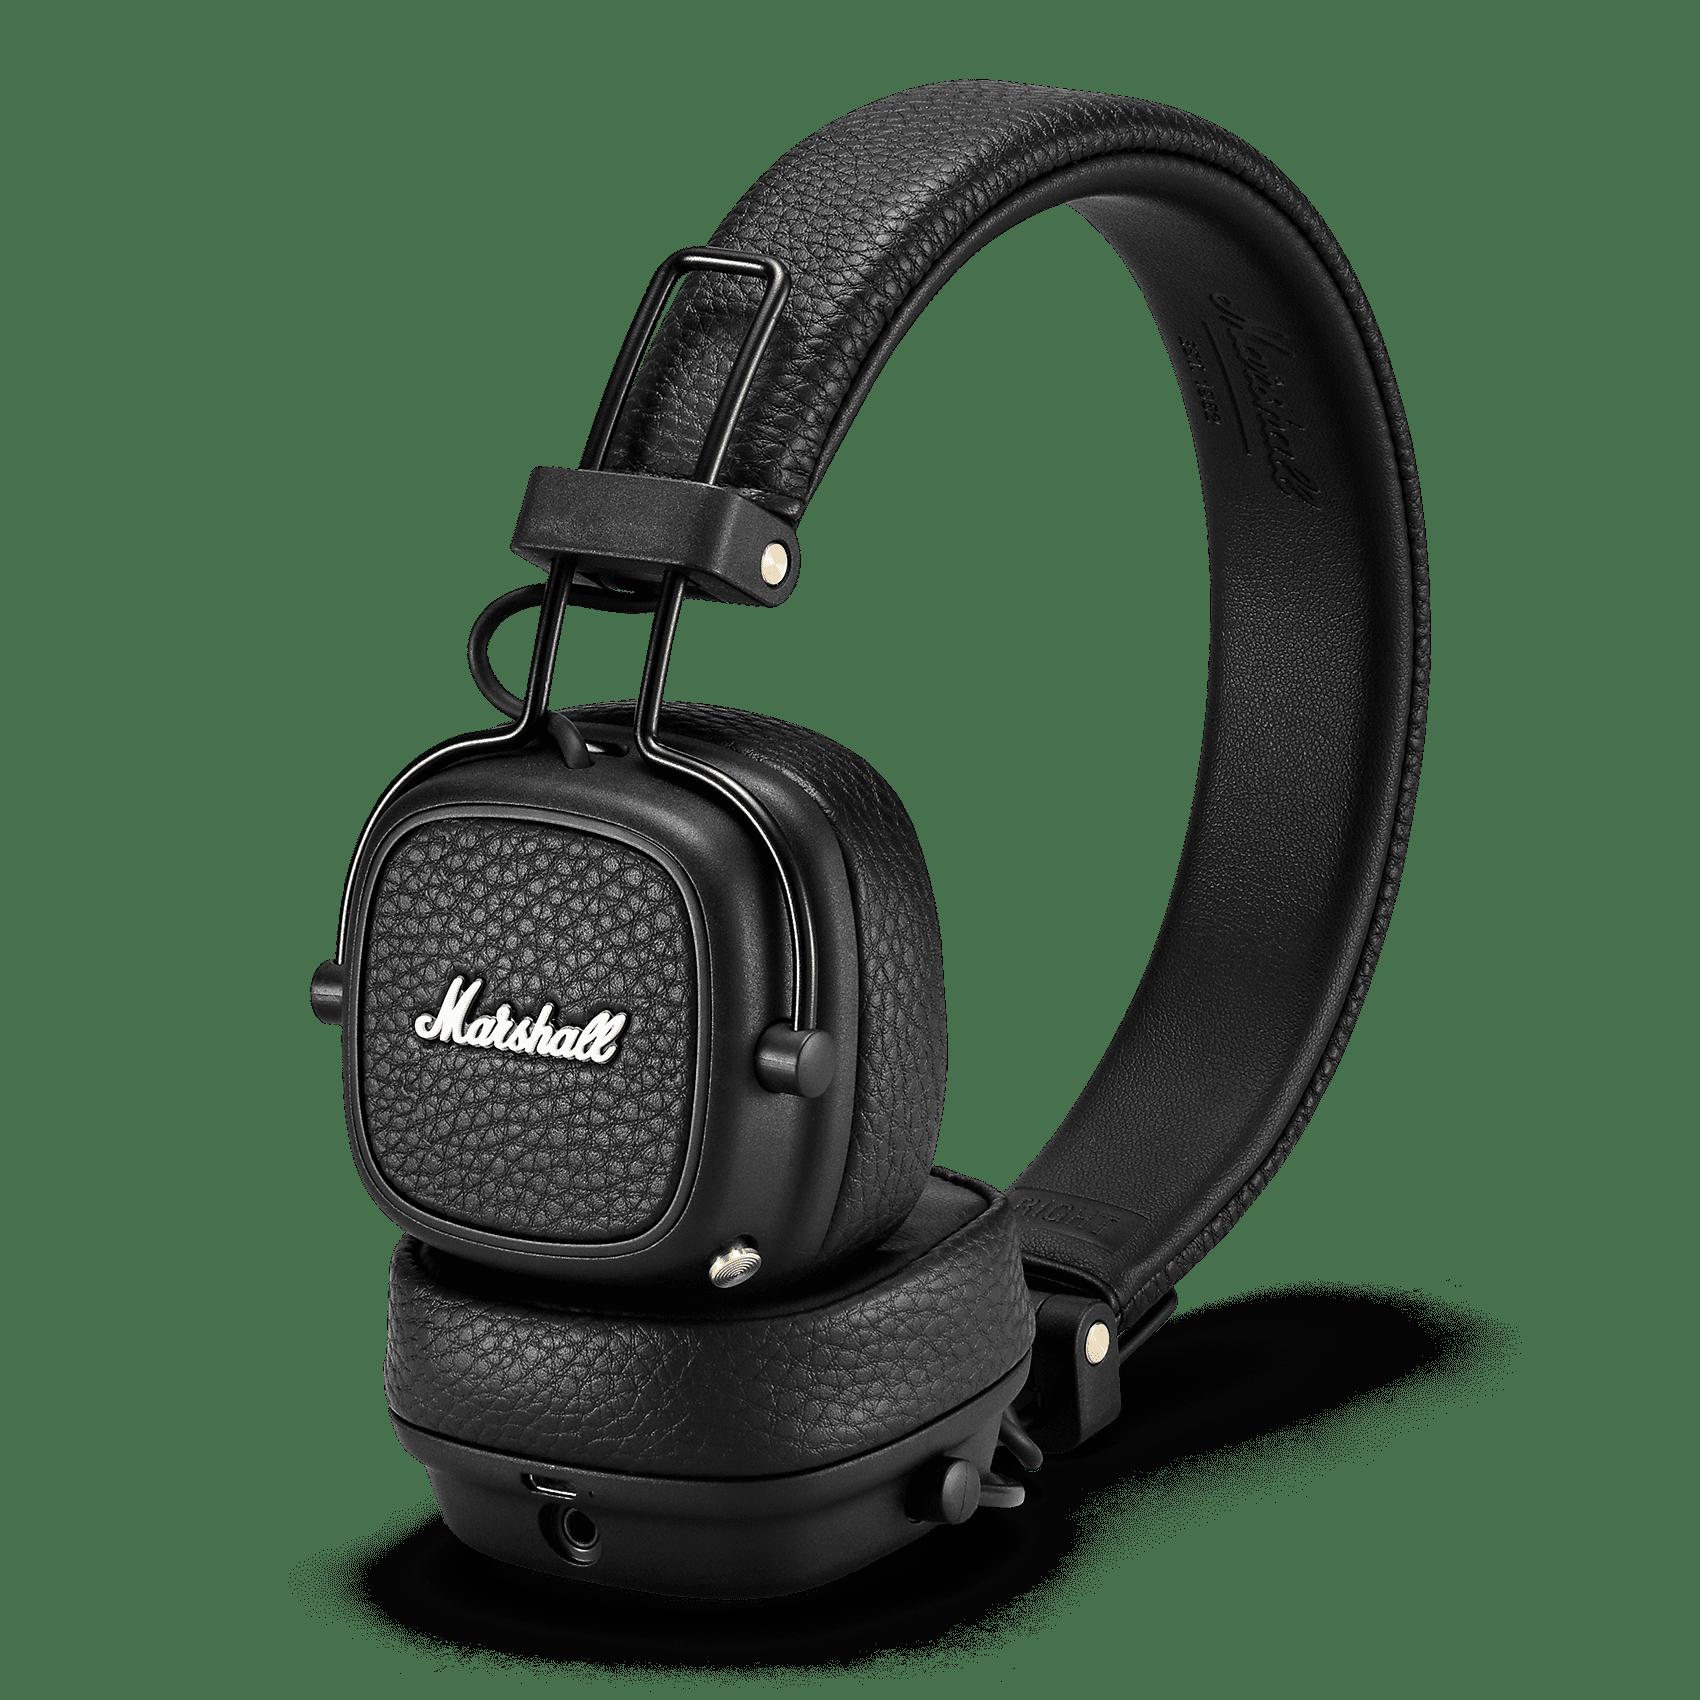 Buy Headphones From Marshallheadphones Com Marshall